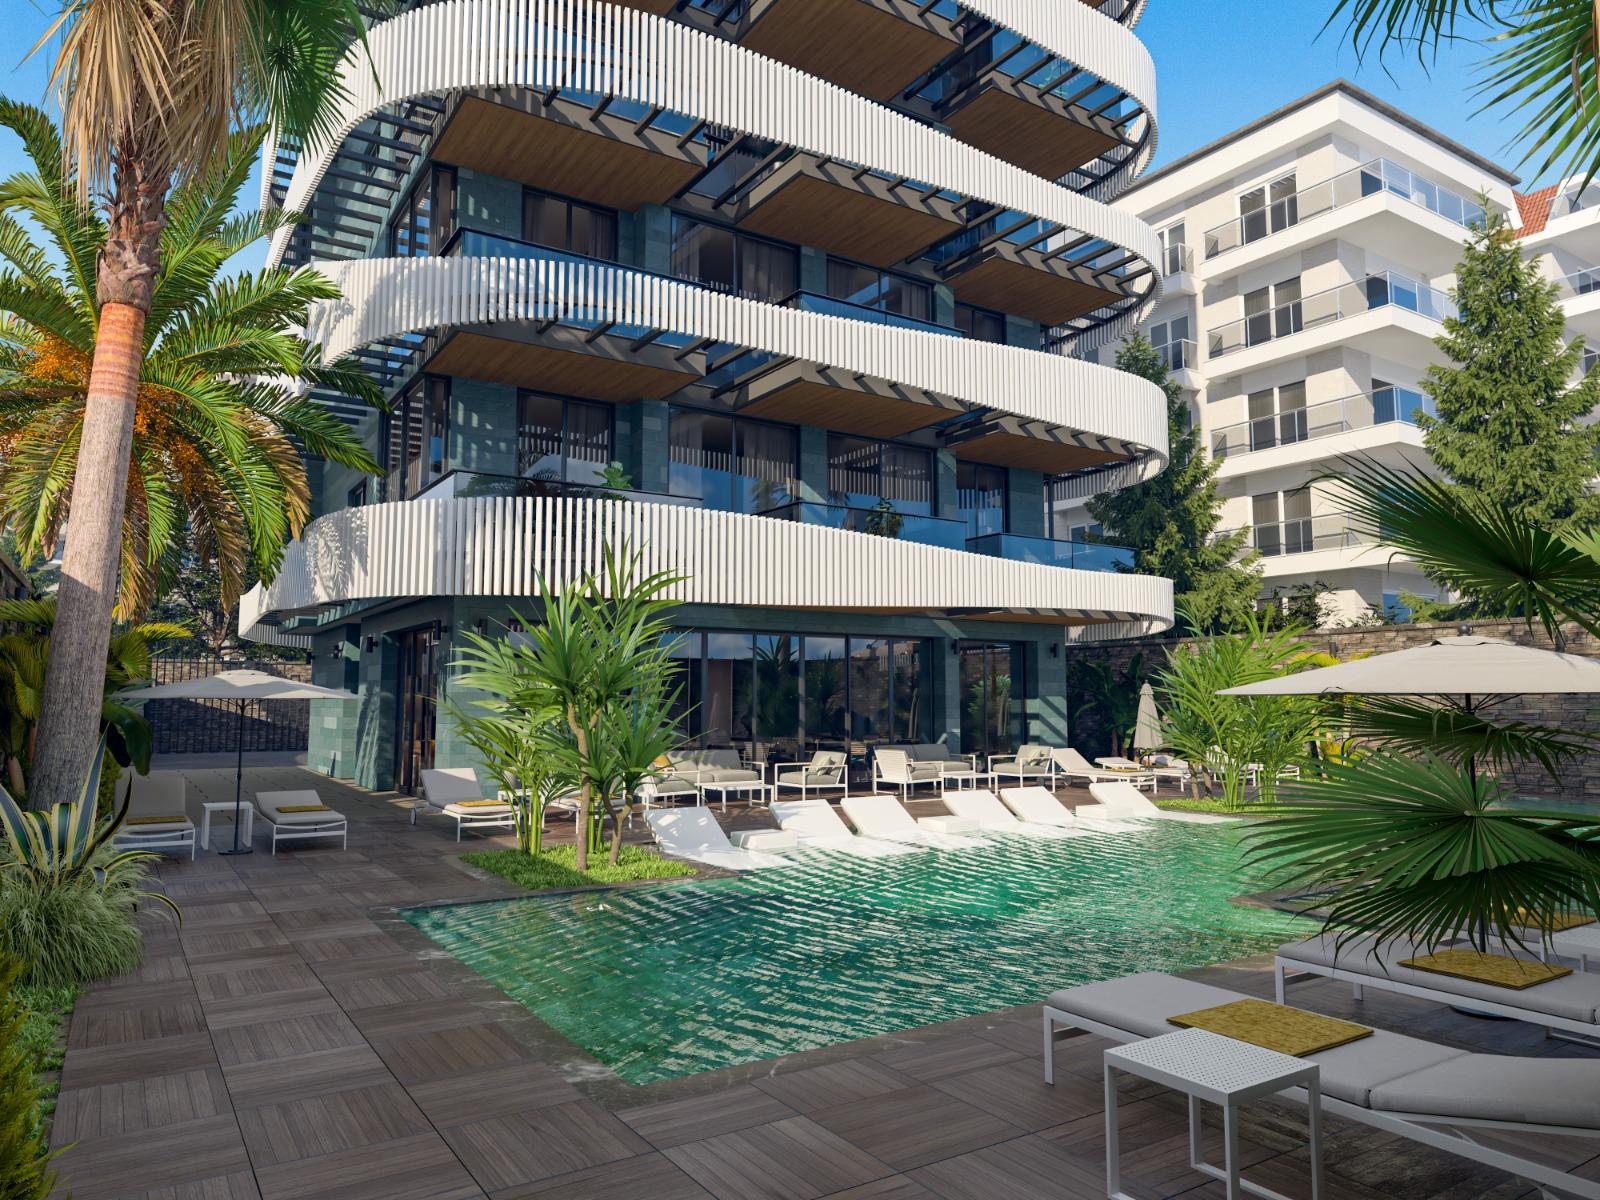 Роскошные квартиры с видом на Средиземное море в элитном районе - Фото 10